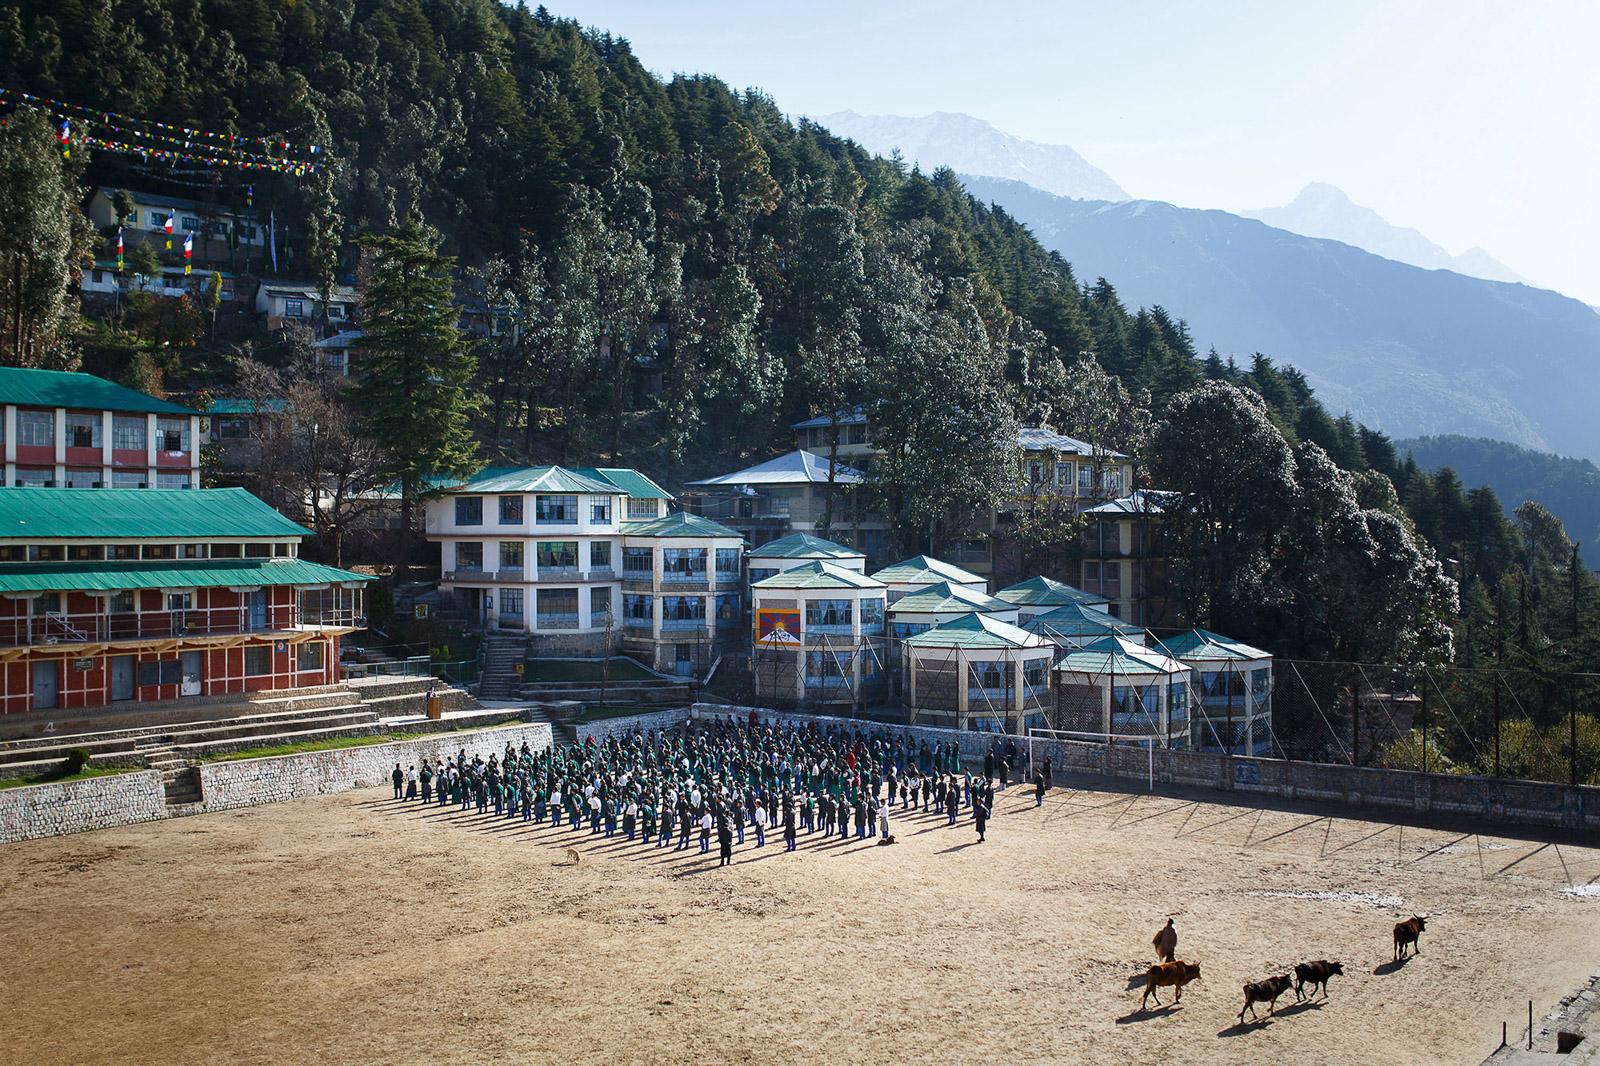 Le Tibetan Children's Village à Dharamsala, en Inde, accueille